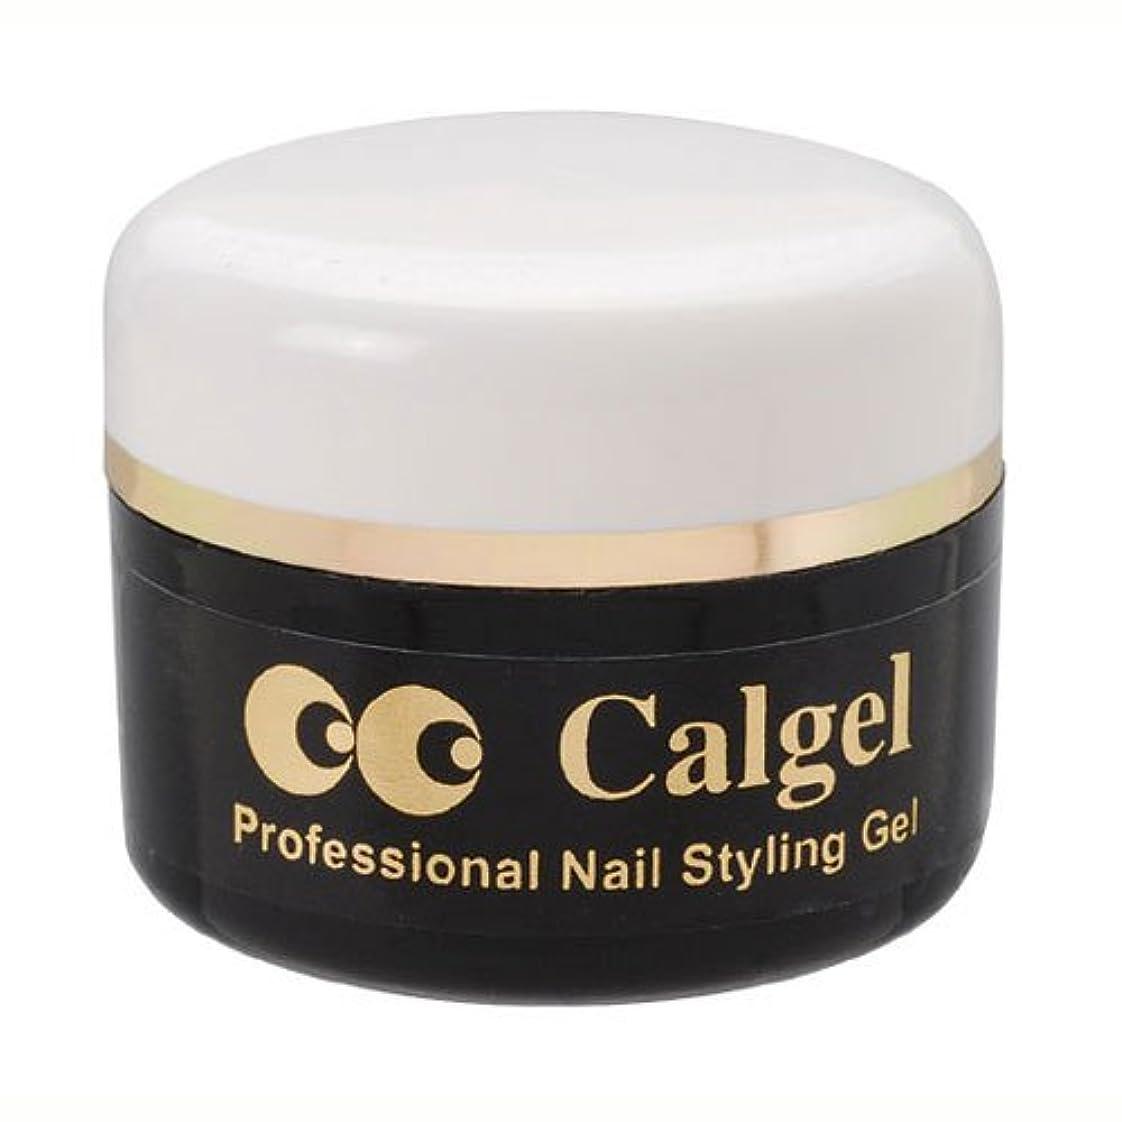 ロシアピック矩形Calgel クリアジェル 10g CG0 ベース/トップジェル